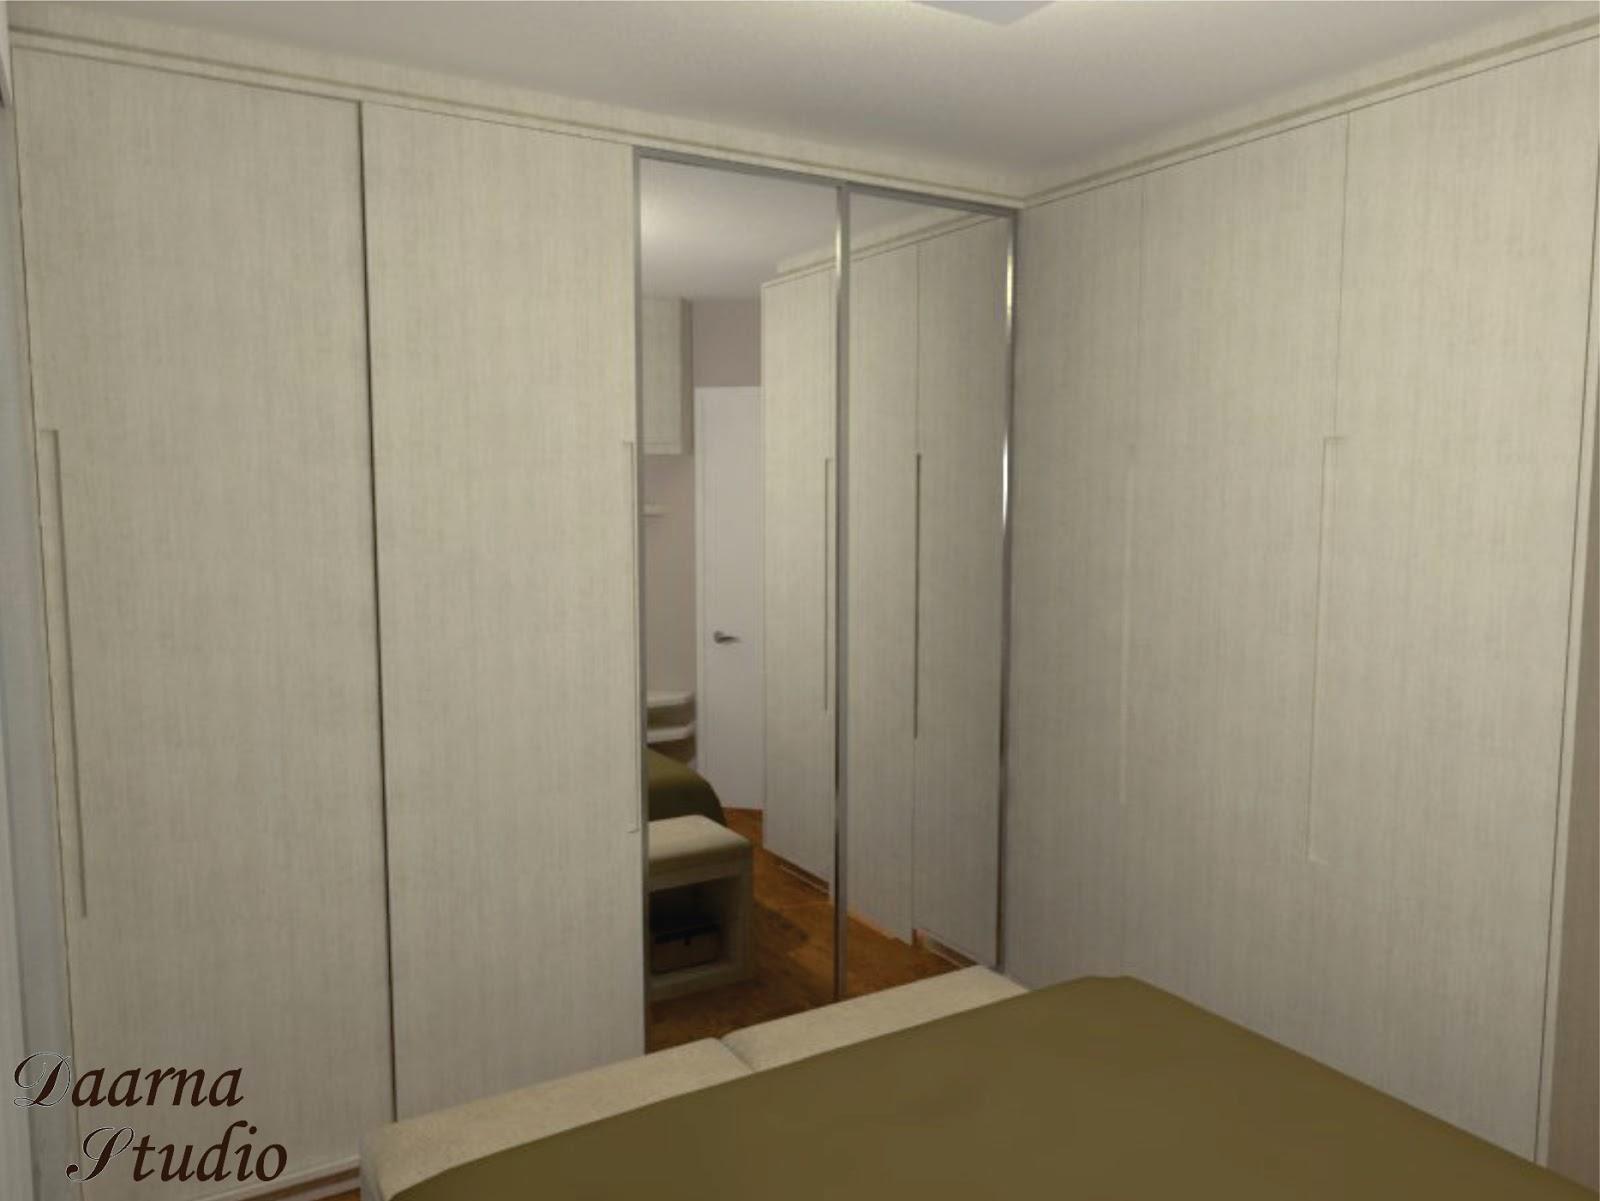 Daarna Arquitetura & Interiores: Imagens 3D Quarto #392918 1600x1201 Arquitetura E Banheiro